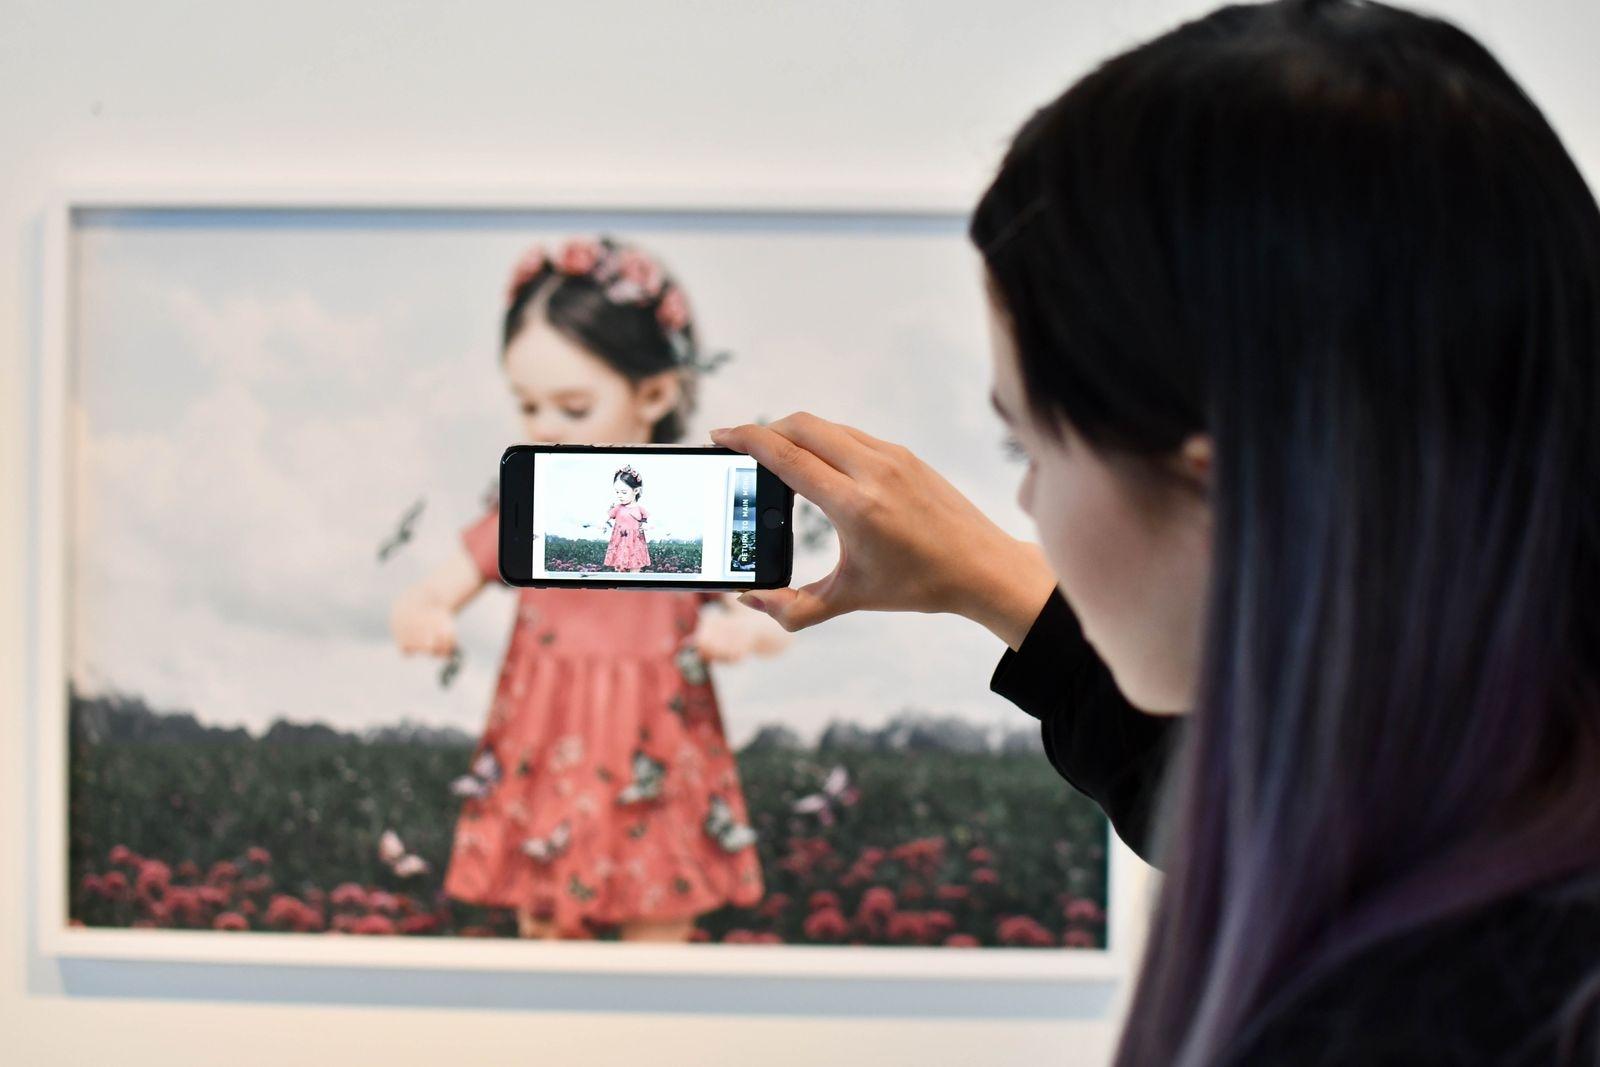 Appen Saga Wendotte AR ger ett extra lager av information ovanpå verkligheten och förstärker upplevelsen av bilderna.